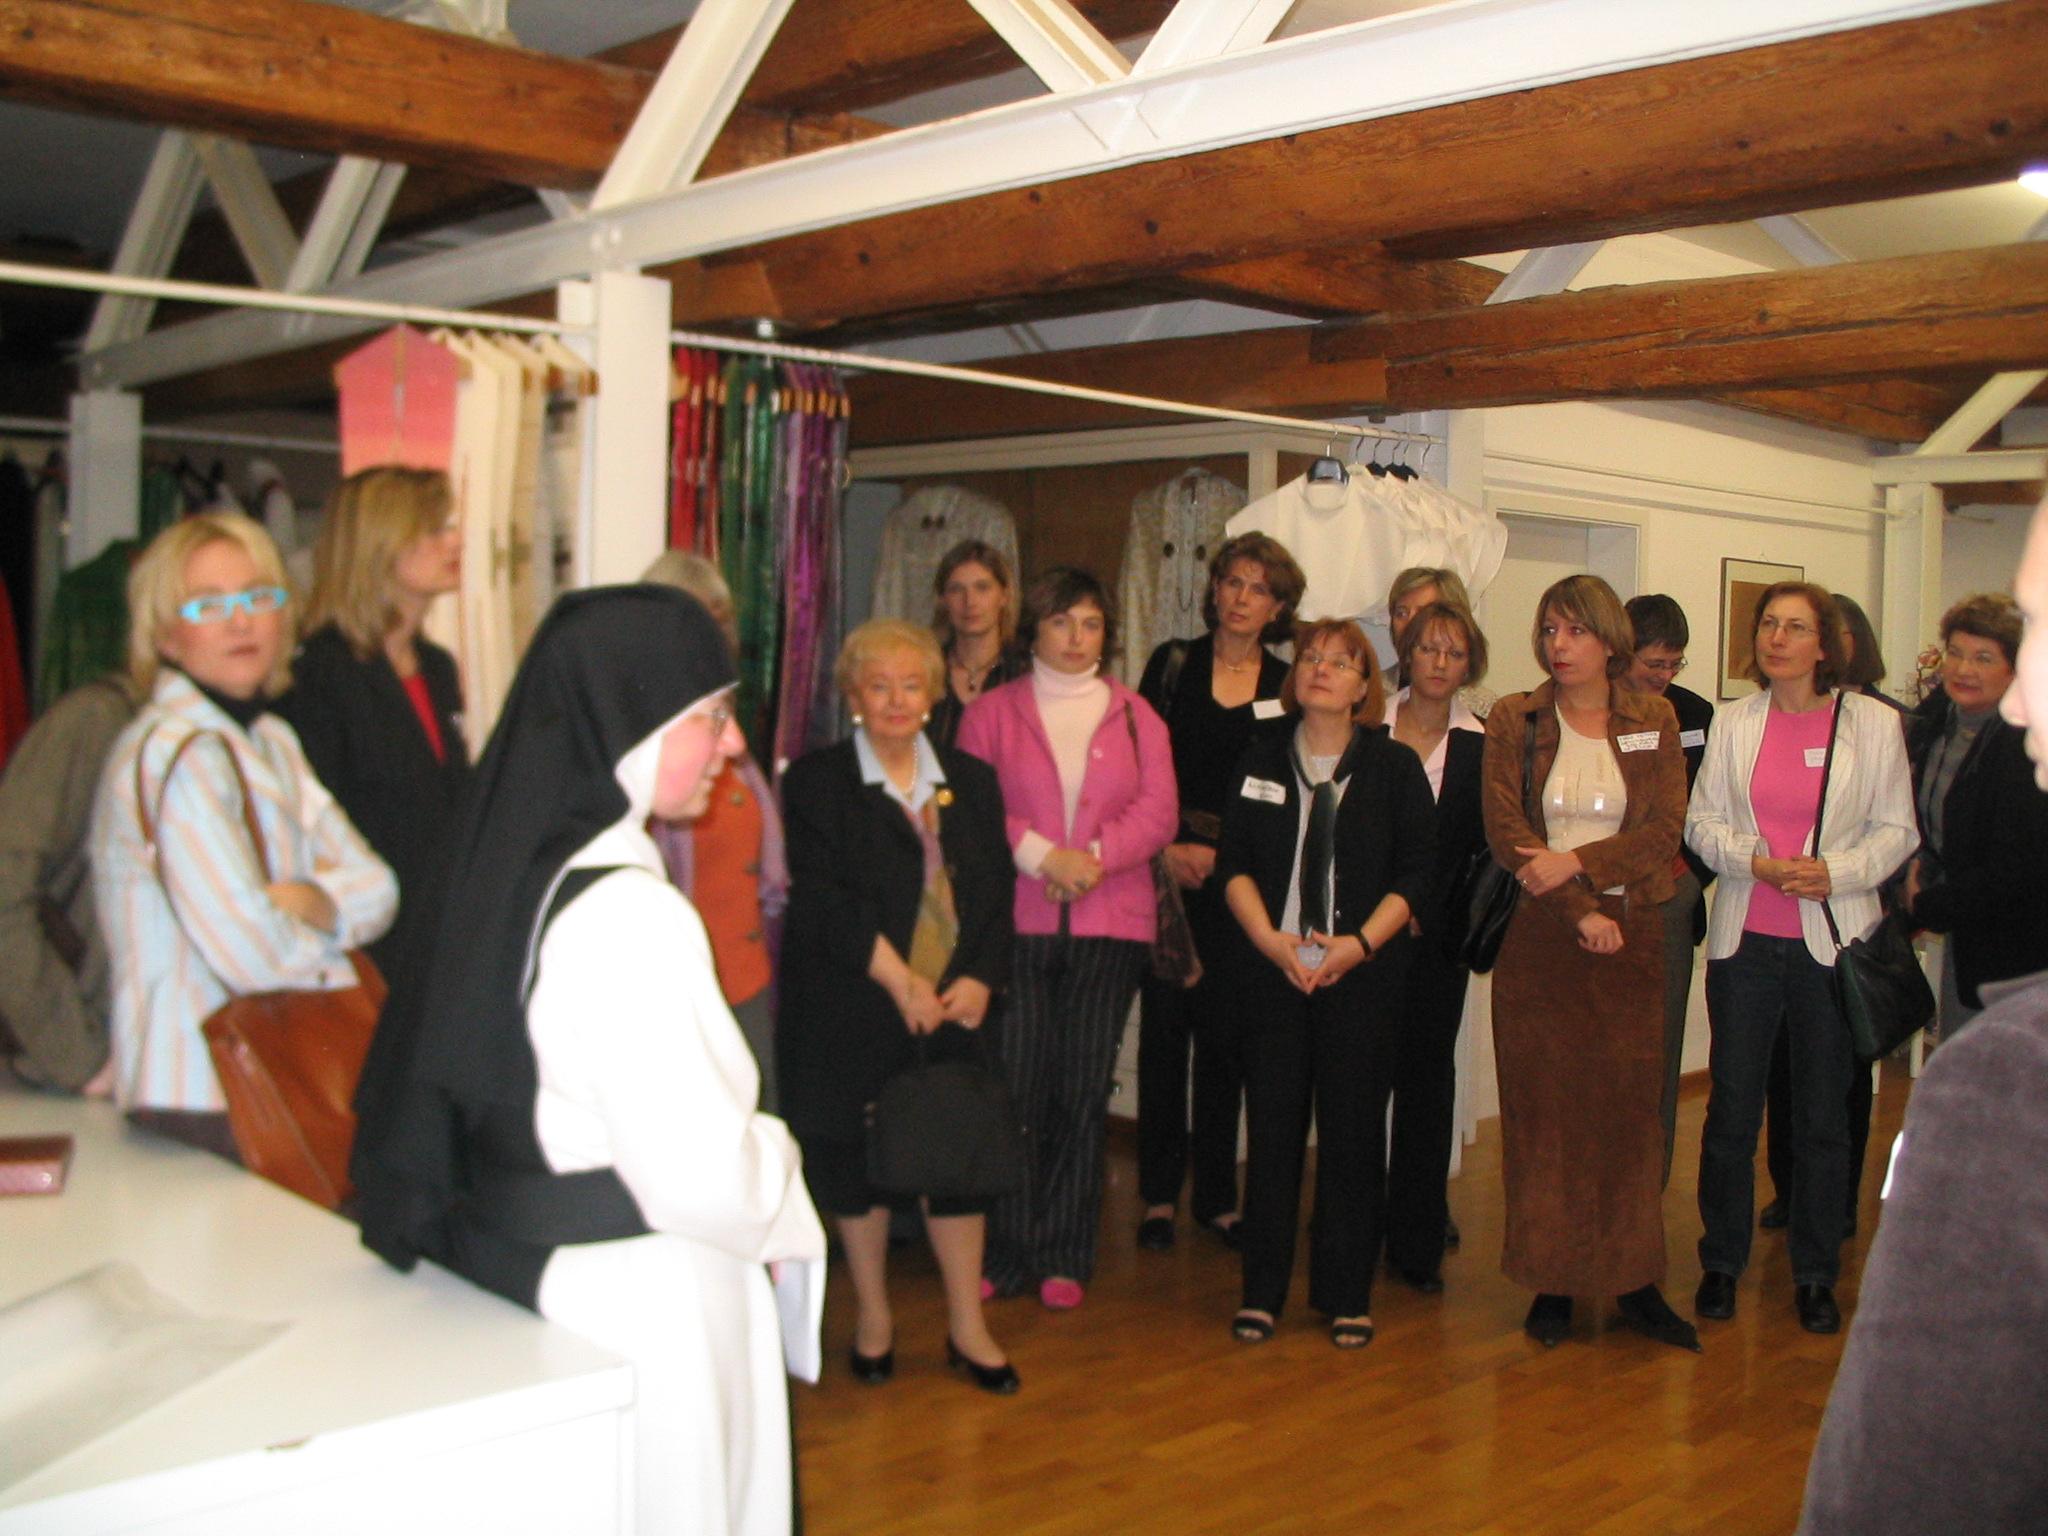 2006 Frauenwirtschaftstag im Kloster Lichtental